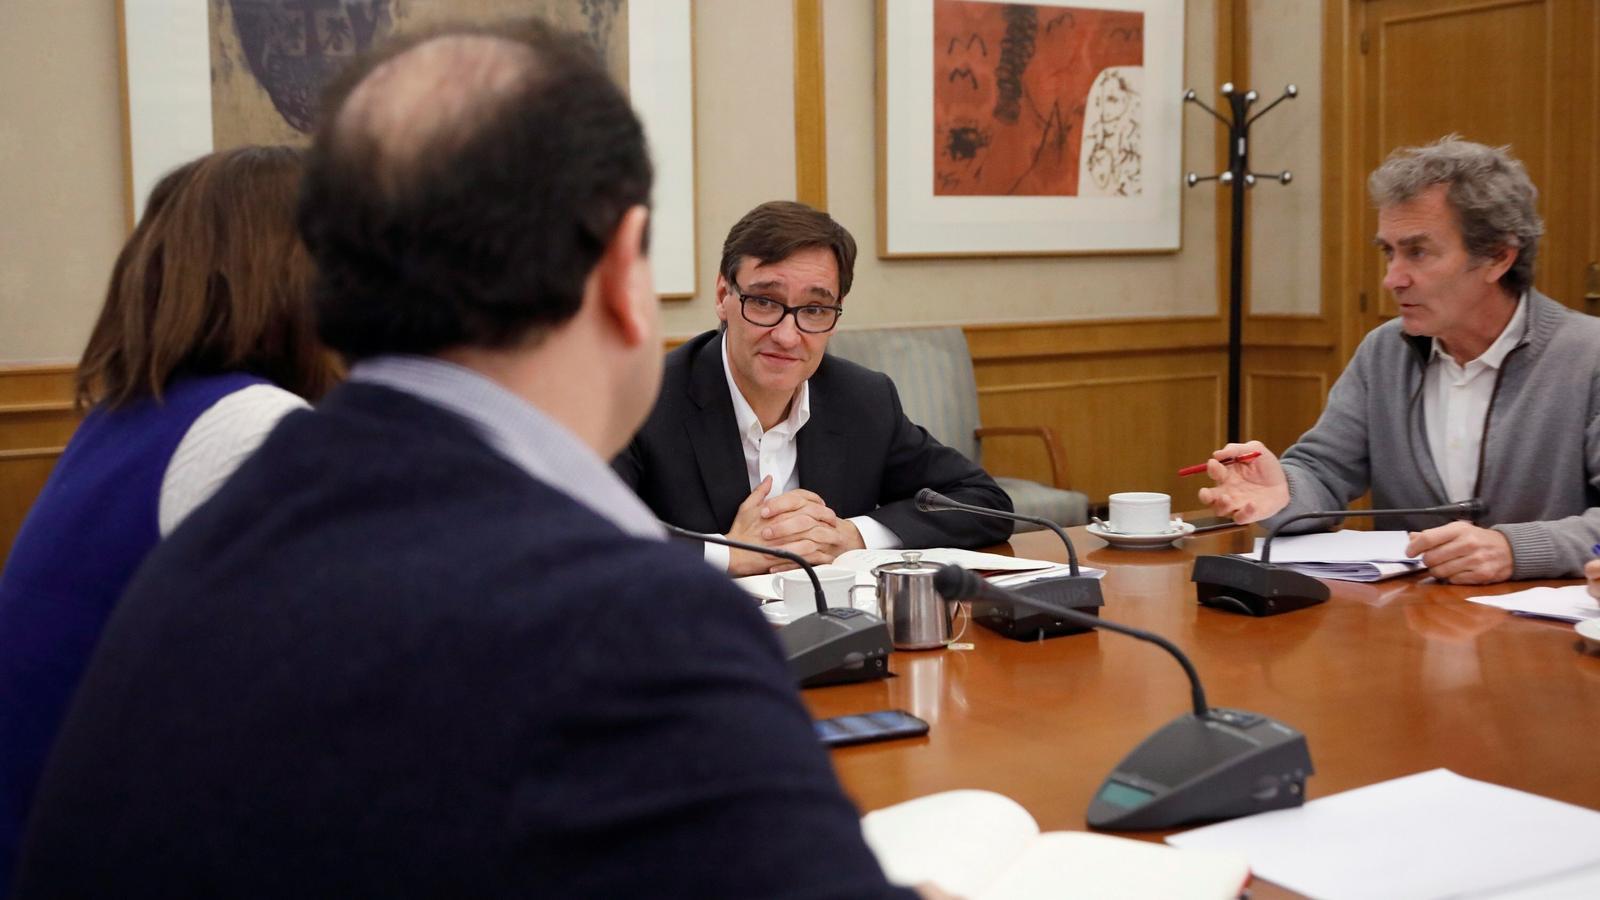 El ministre de Sanitat, Salvador Illa, i el responsable del Centre de Coordinació d'Alertes i Emergències Sanitàries, Fernando Simón, durant la reunió d'aquest diumenge al ministeri per analitzar el brot de coronavirus